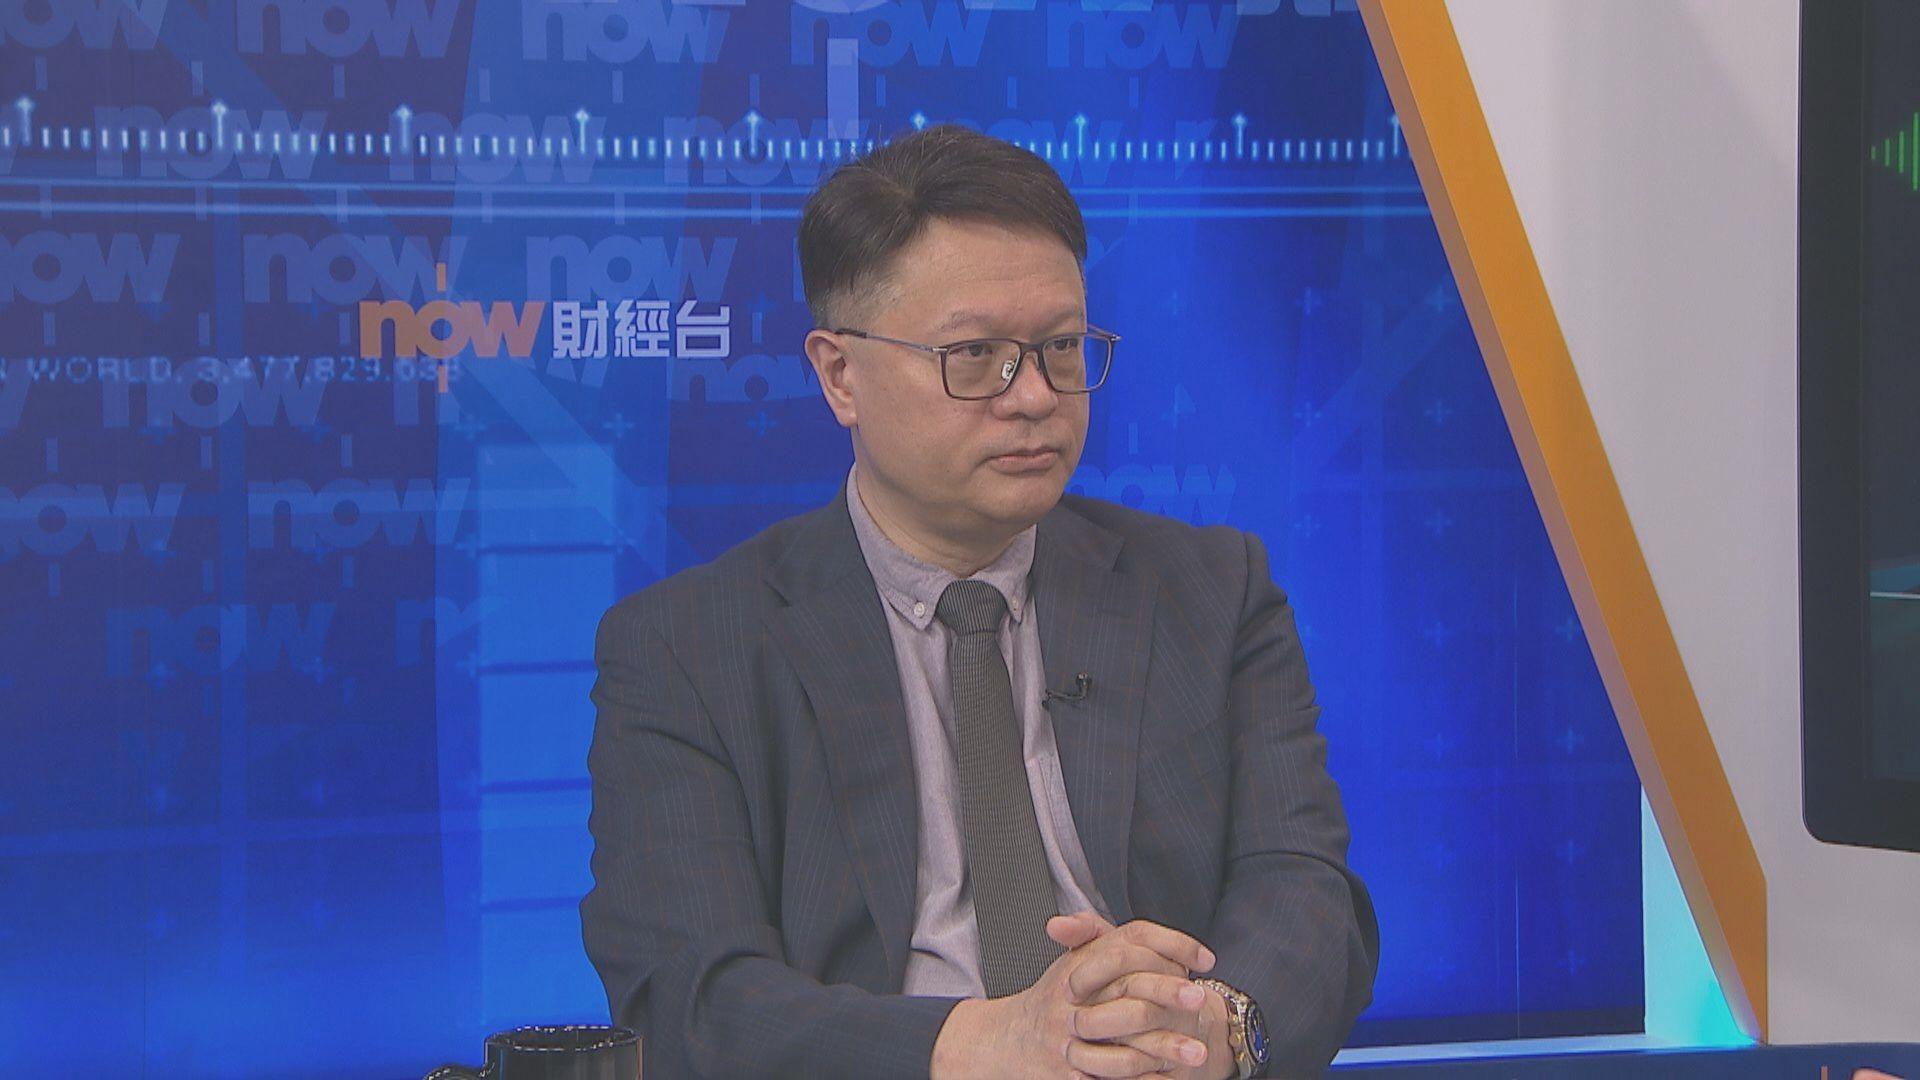 許樹昌:市民如無嚴重過敏 可參與「溝針」研究計劃